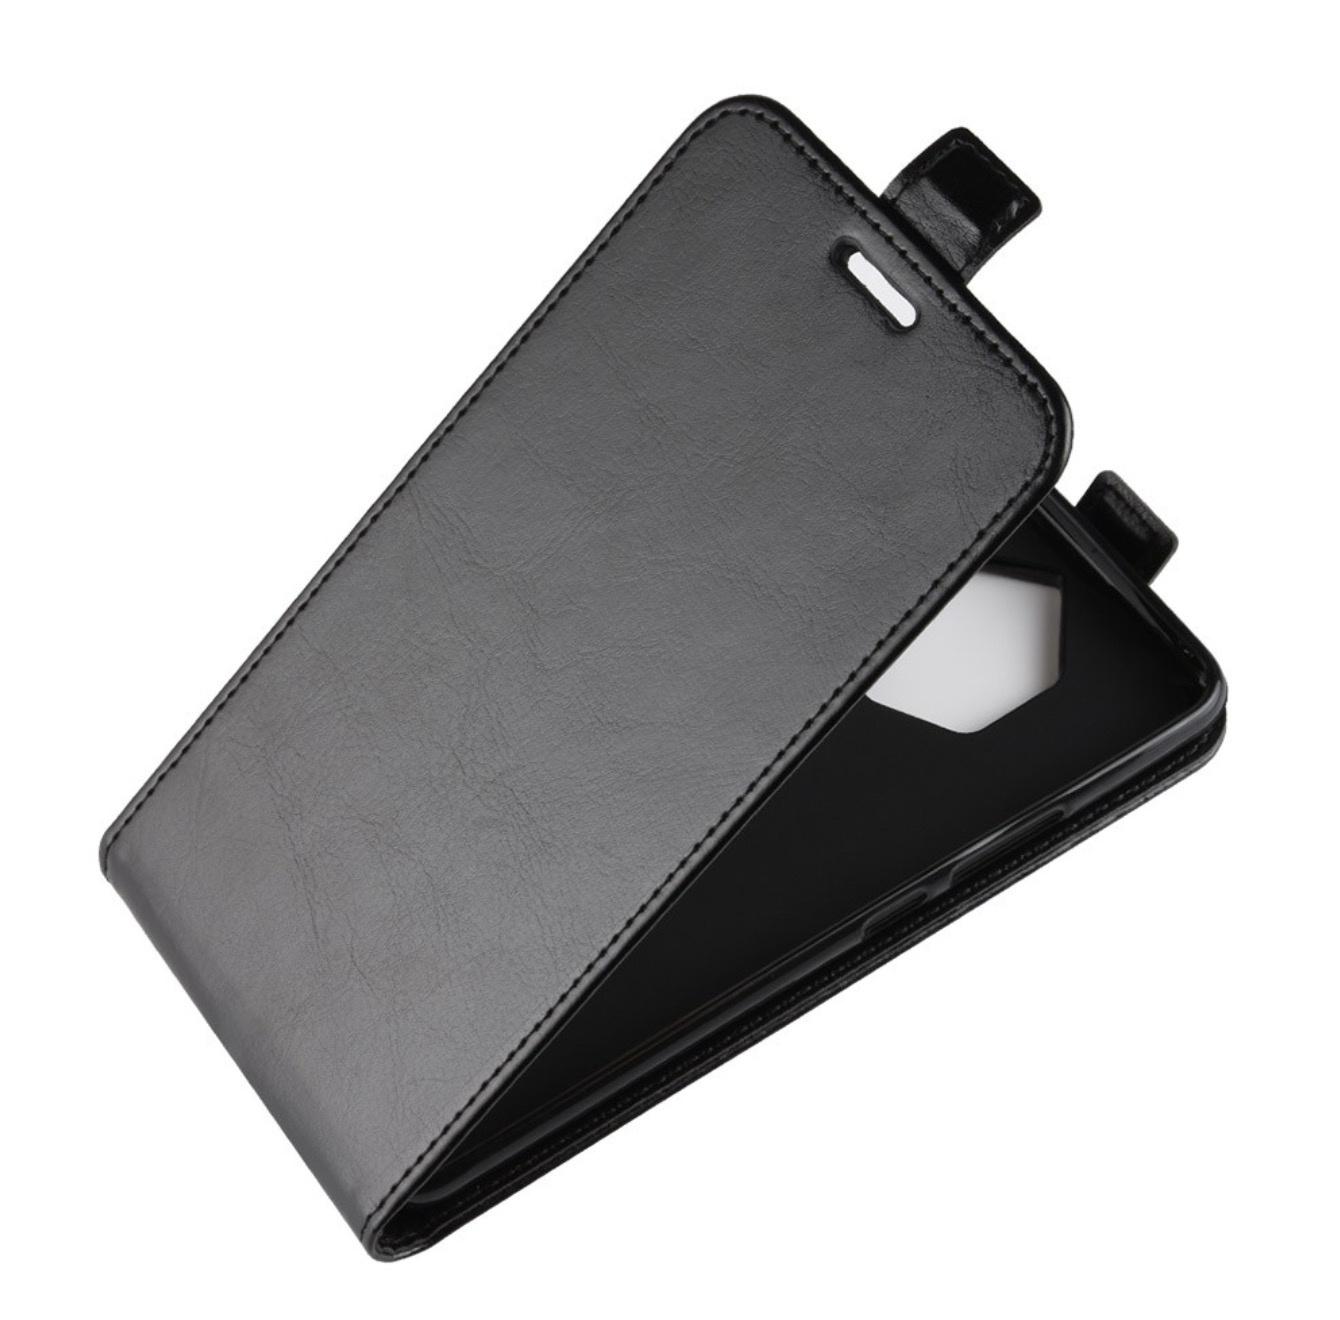 Чехол-флип MyPads для HTC Desire 500 Dual Sim вертикальный откидной черный